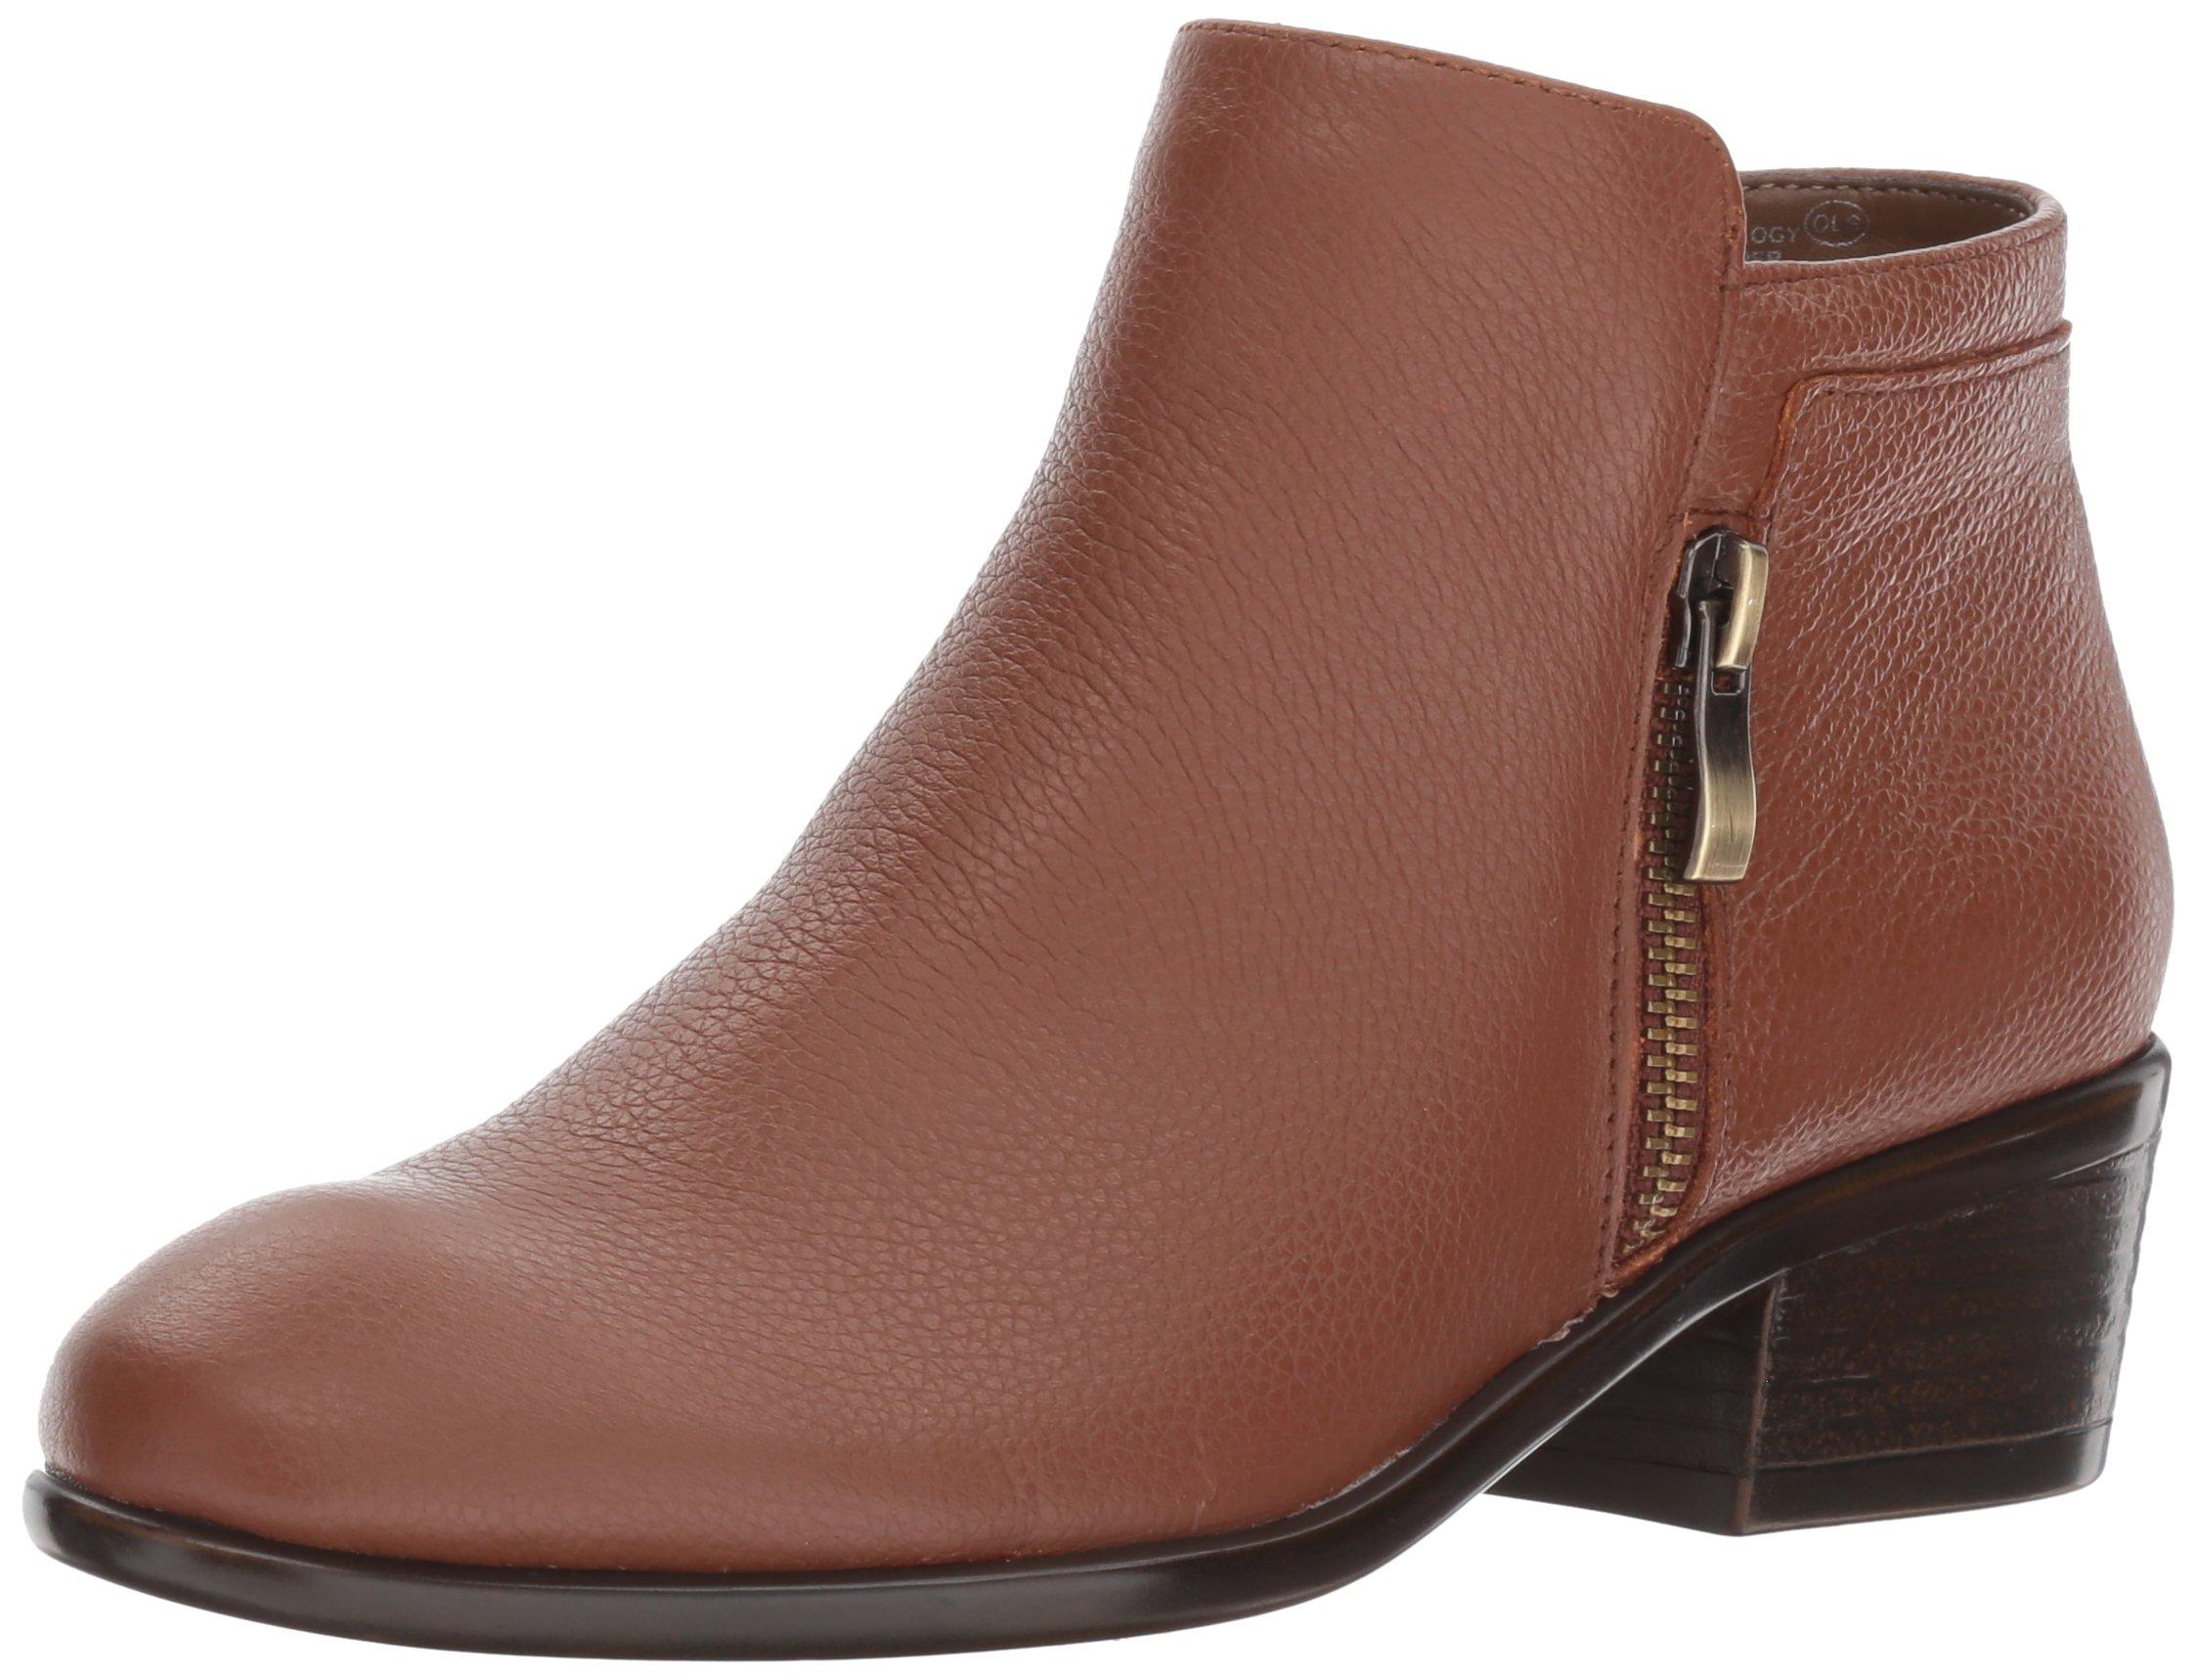 Aerosoles Women's Mythology Boot, Dark Tan Leather, 9 W US by Aerosoles (Image #1)